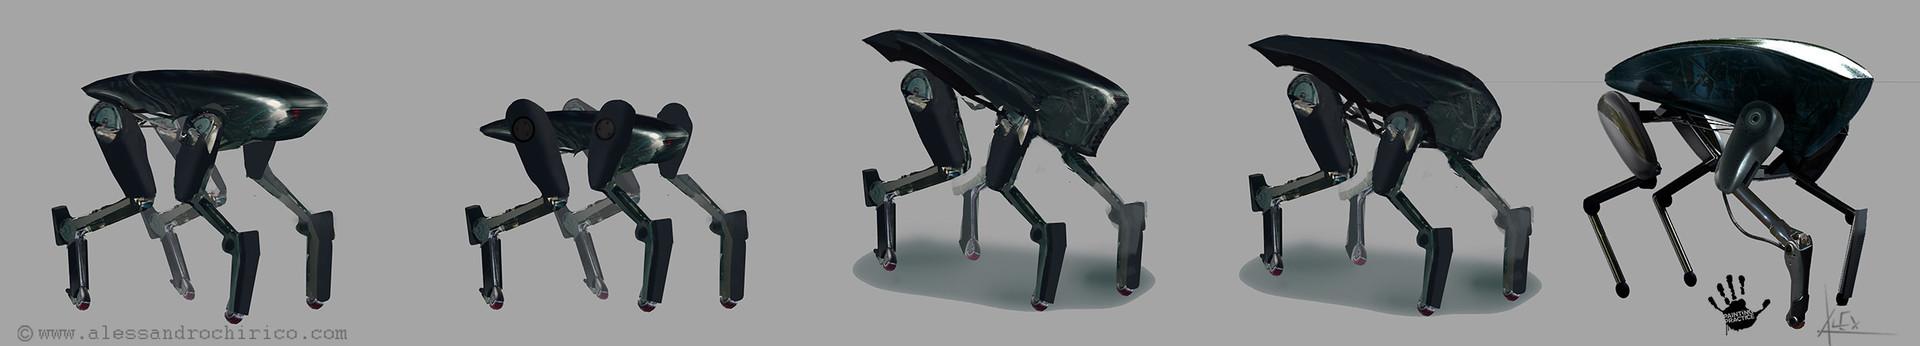 Alessandro chirico metalhex blackmirror alessandrochirico sketch2